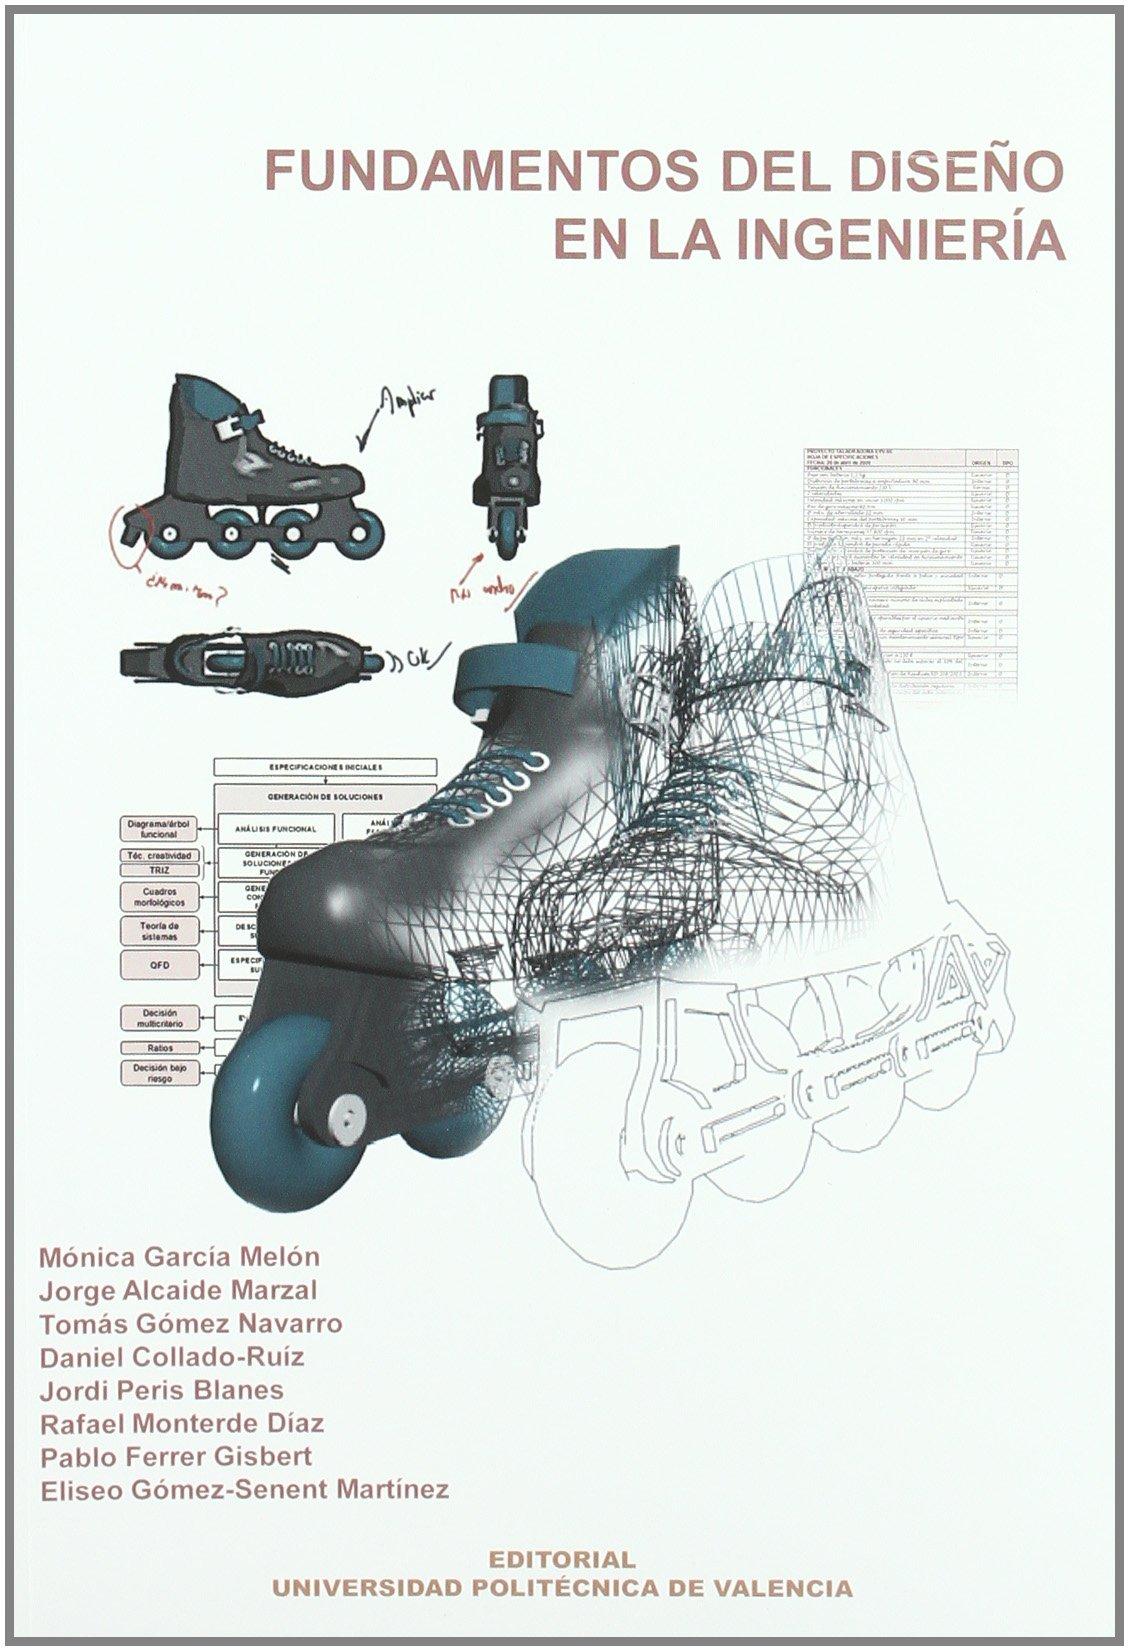 Fundamentos del diseño en la ingeniería (Académica): Amazon.es: Eliseo Gómez-Senent Martínez, Tomás Gómez Navarro, Jorge Alcaide Marzal, Pablo Ferrer ...